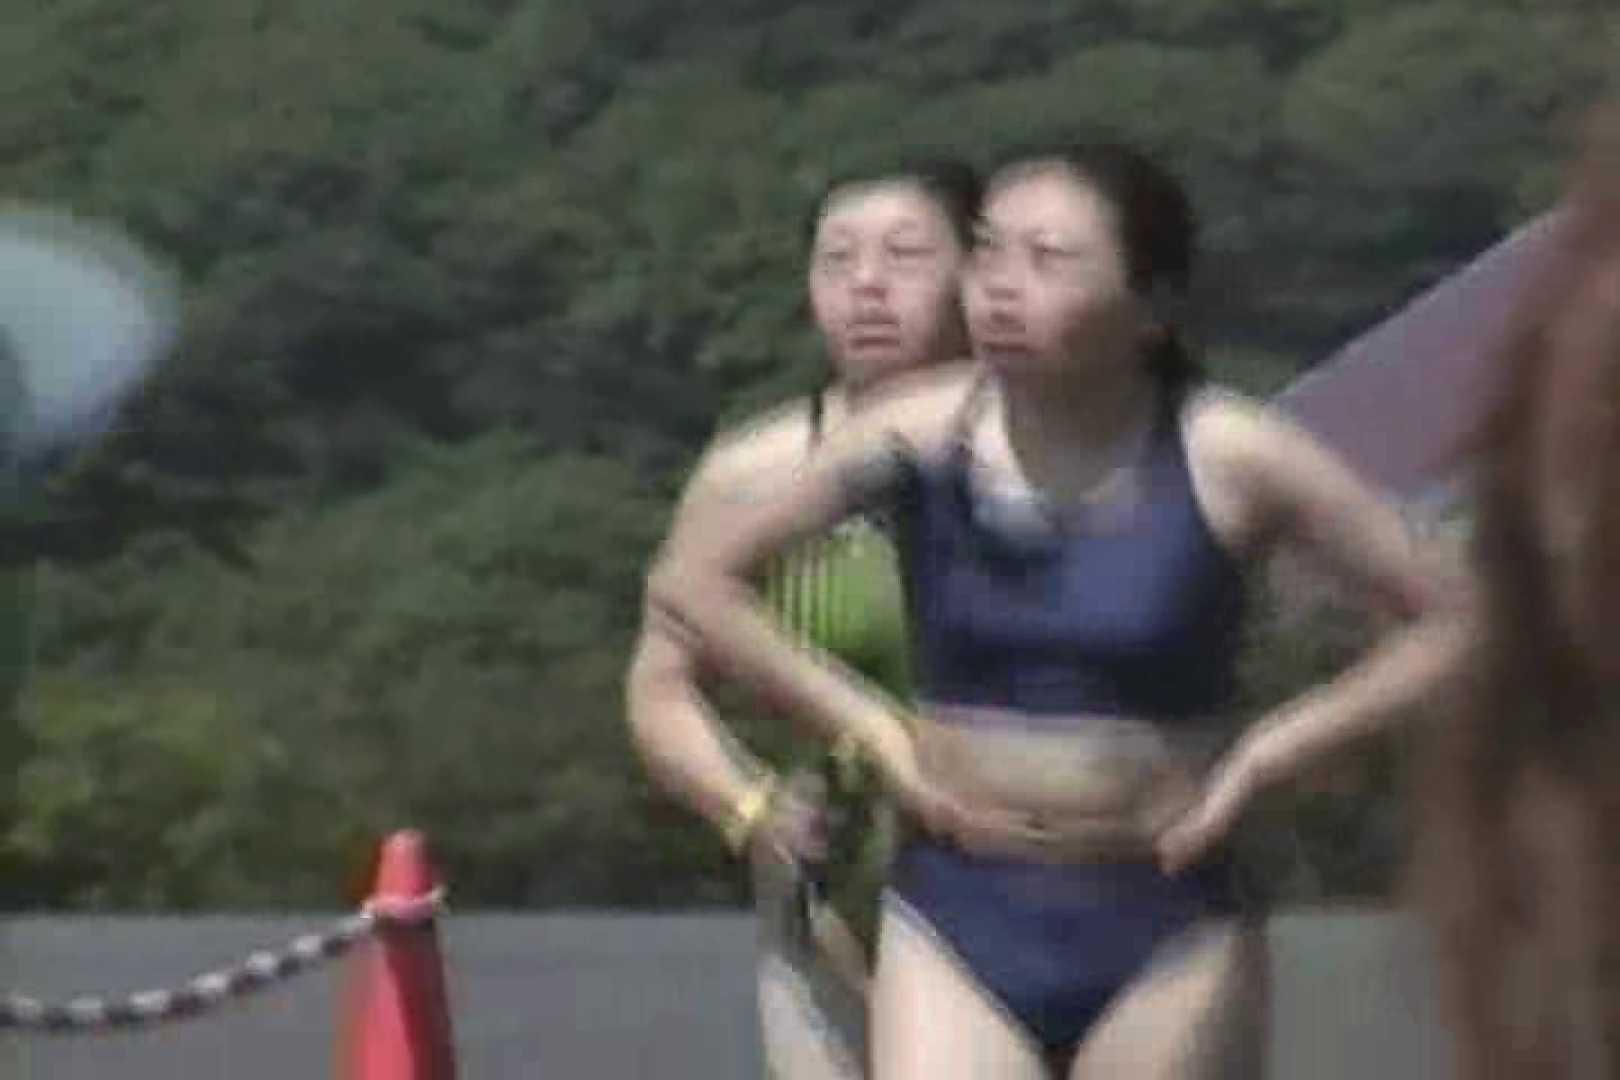 鉄人レース!!トライアスロンに挑む女性達!!Vol.6 エロいOL   0  40枚